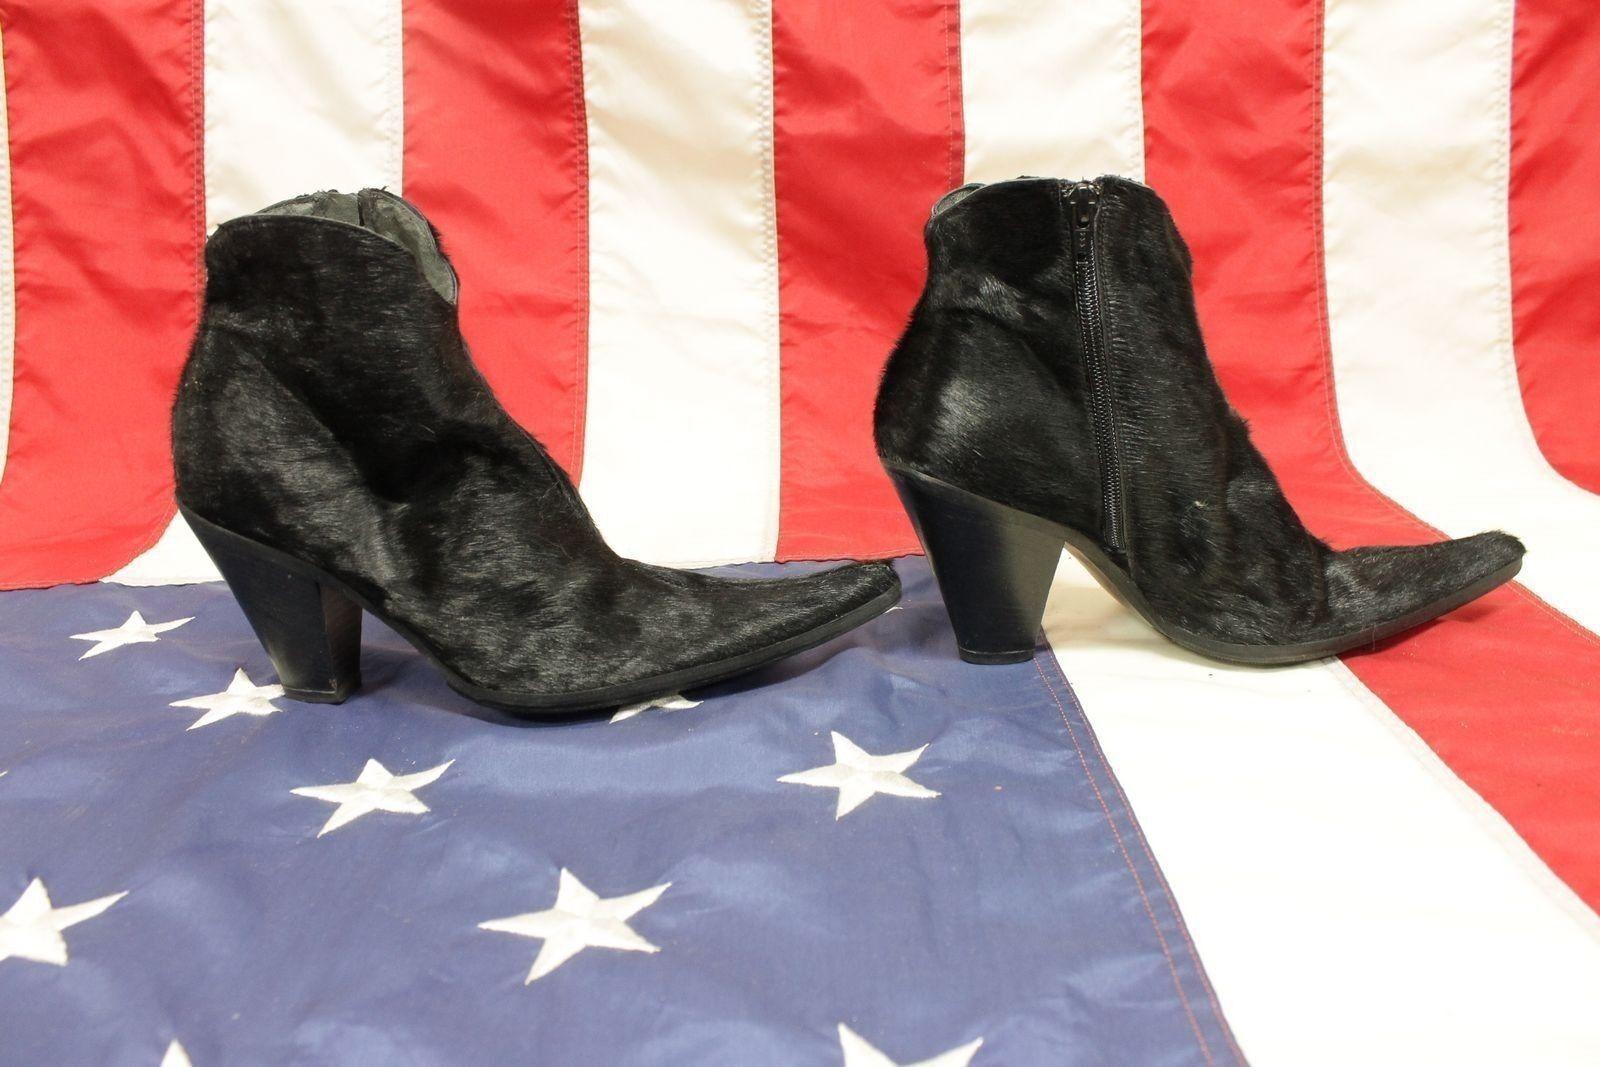 Stiefel Stiefel Fausta Moretti (Cod.ST1152) N.37 cowboy frau Stiefel frau cowboy gebraucht 647184